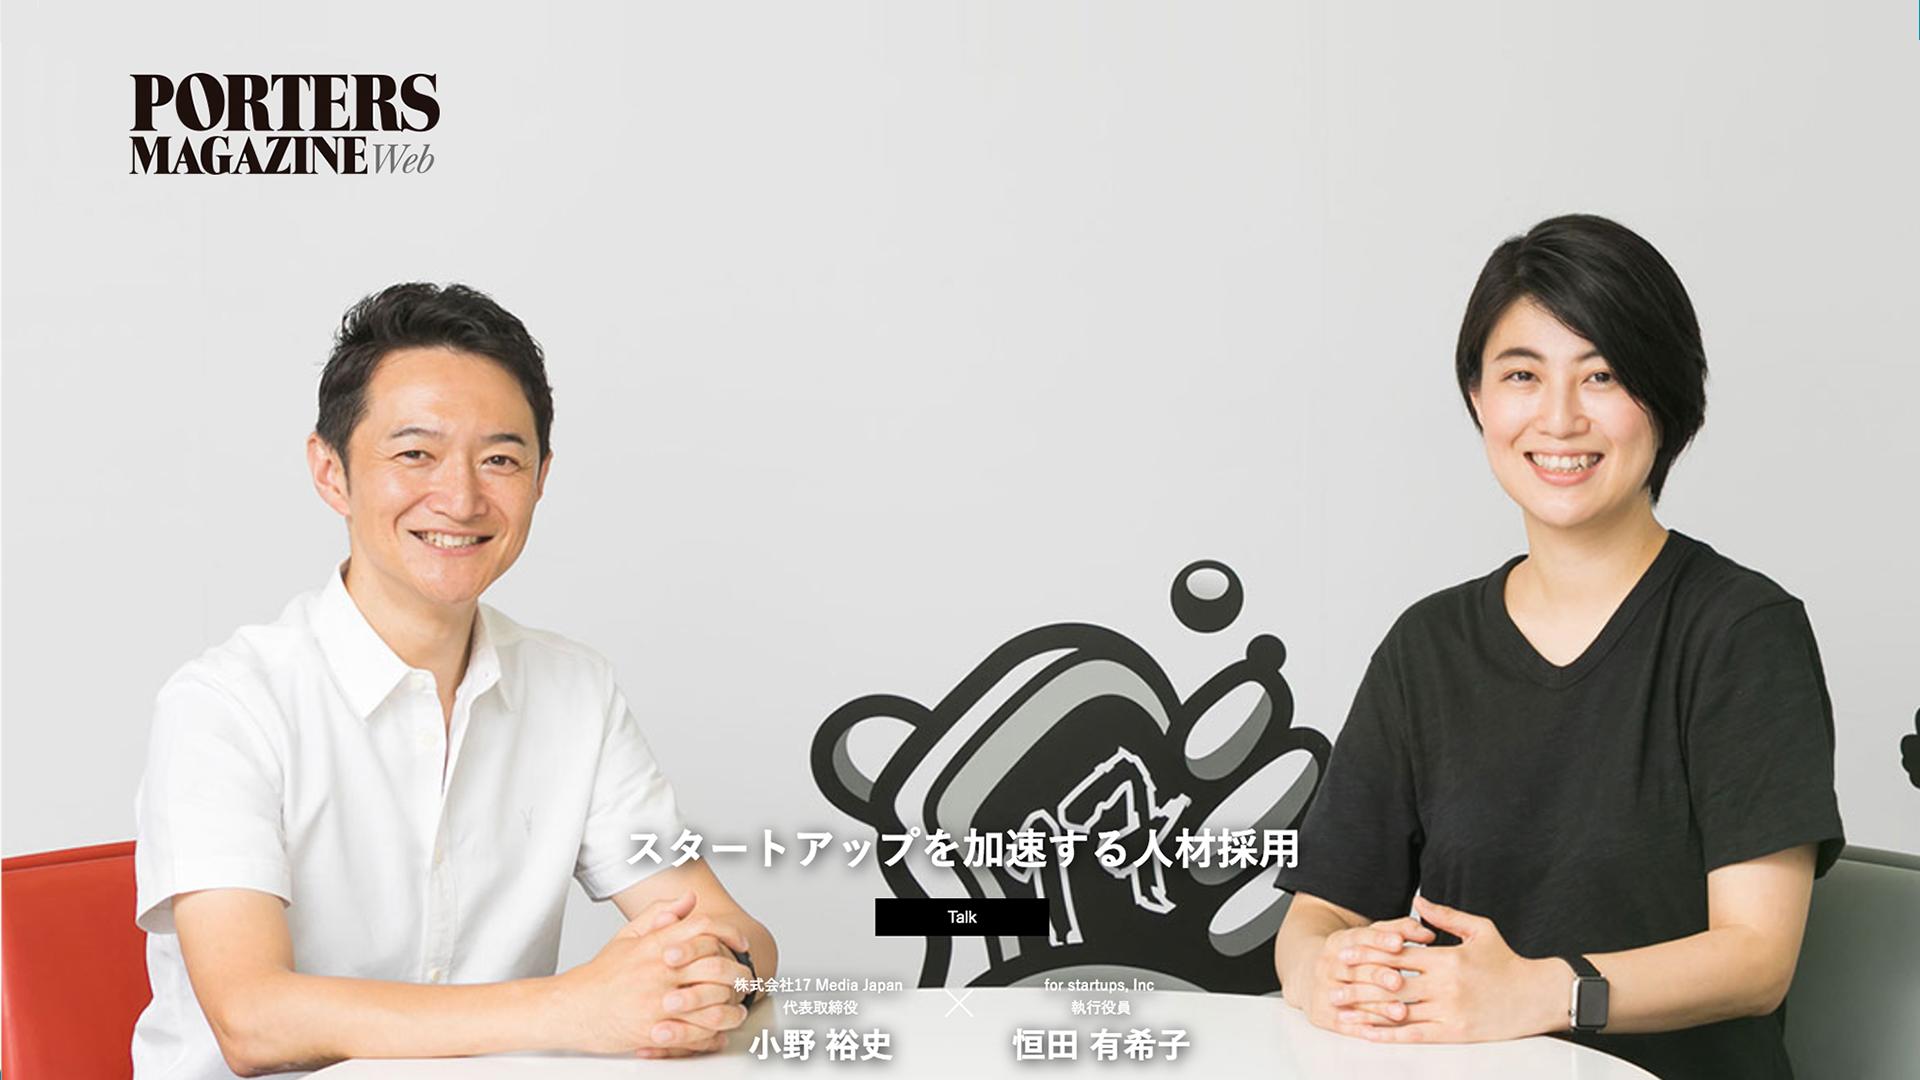 業界専門誌『ポーターズマガジン』に、for Startupsの恒田有希子と17Media Japanの小野代表の対談記事が掲載されました。